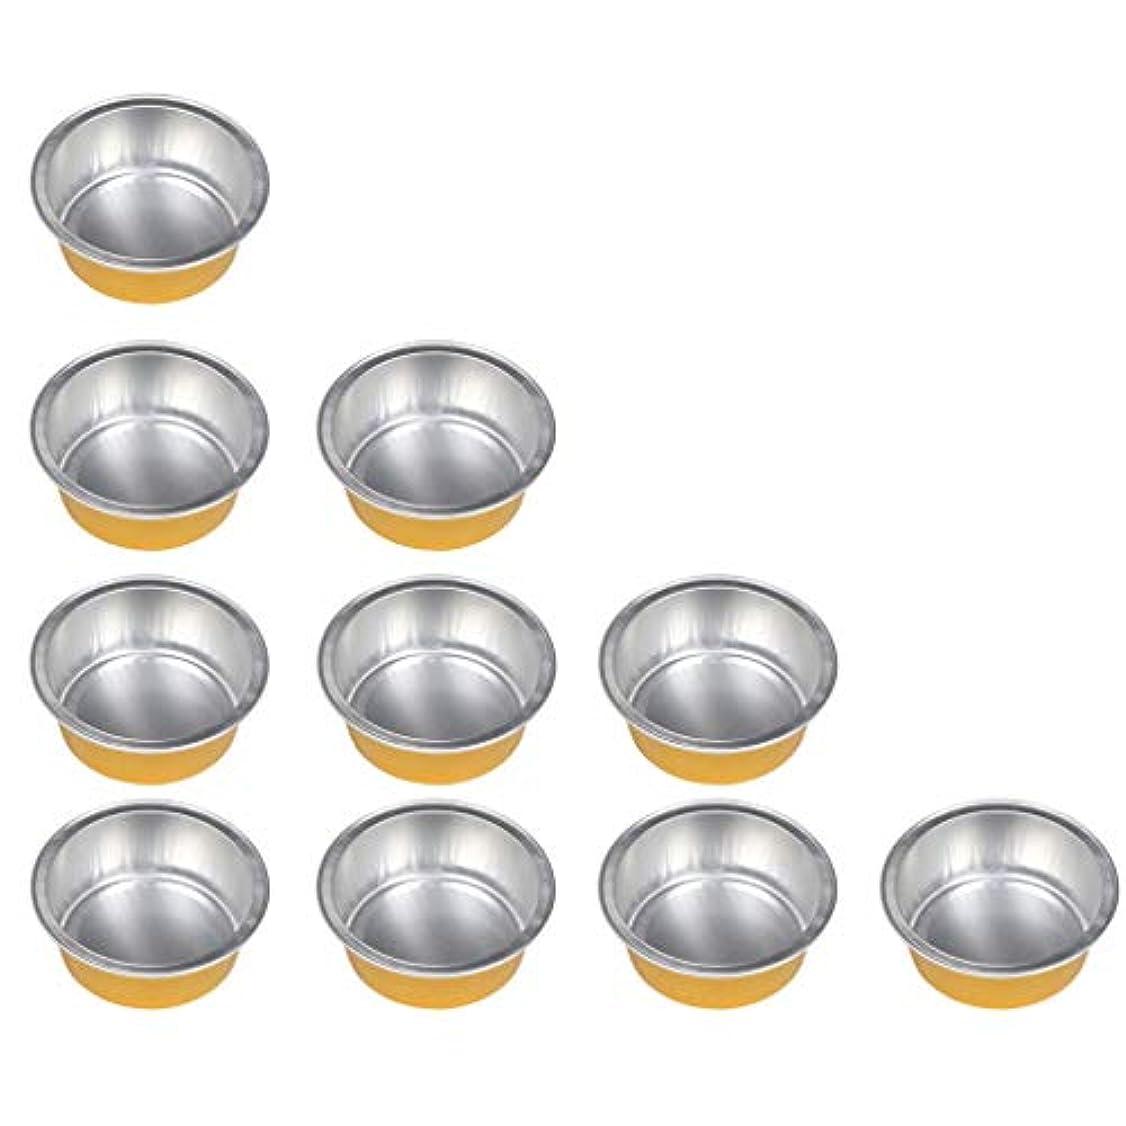 非難あさり機会FLAMEER 10個 ワックスボウル ミニボウル アルミホイルボウル ワックス豆体 溶融 衛生的 2種選ぶ - ゴールデン1, 01